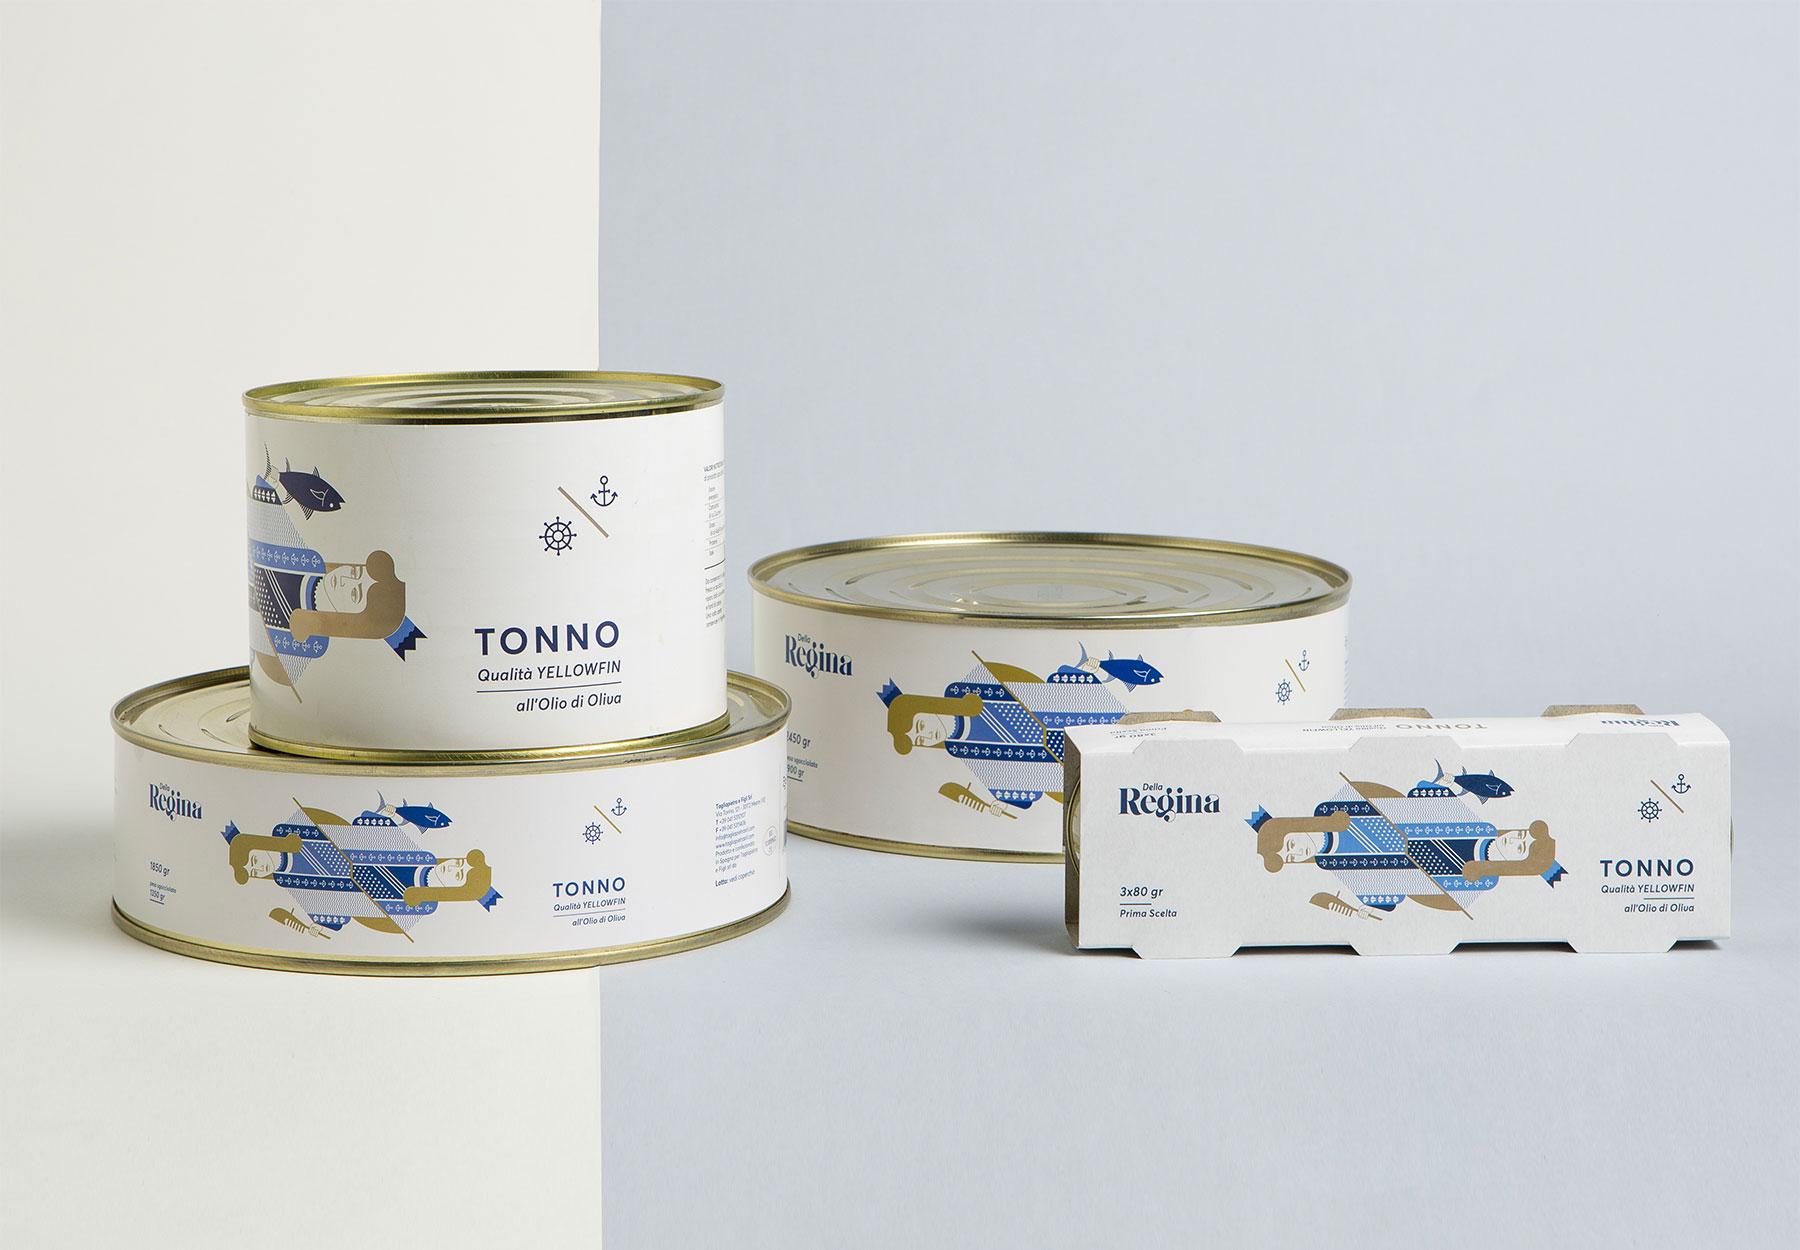 Progettazione Packaging linea prodotto tonno Dalla Regina Tagliapietra Drystudio